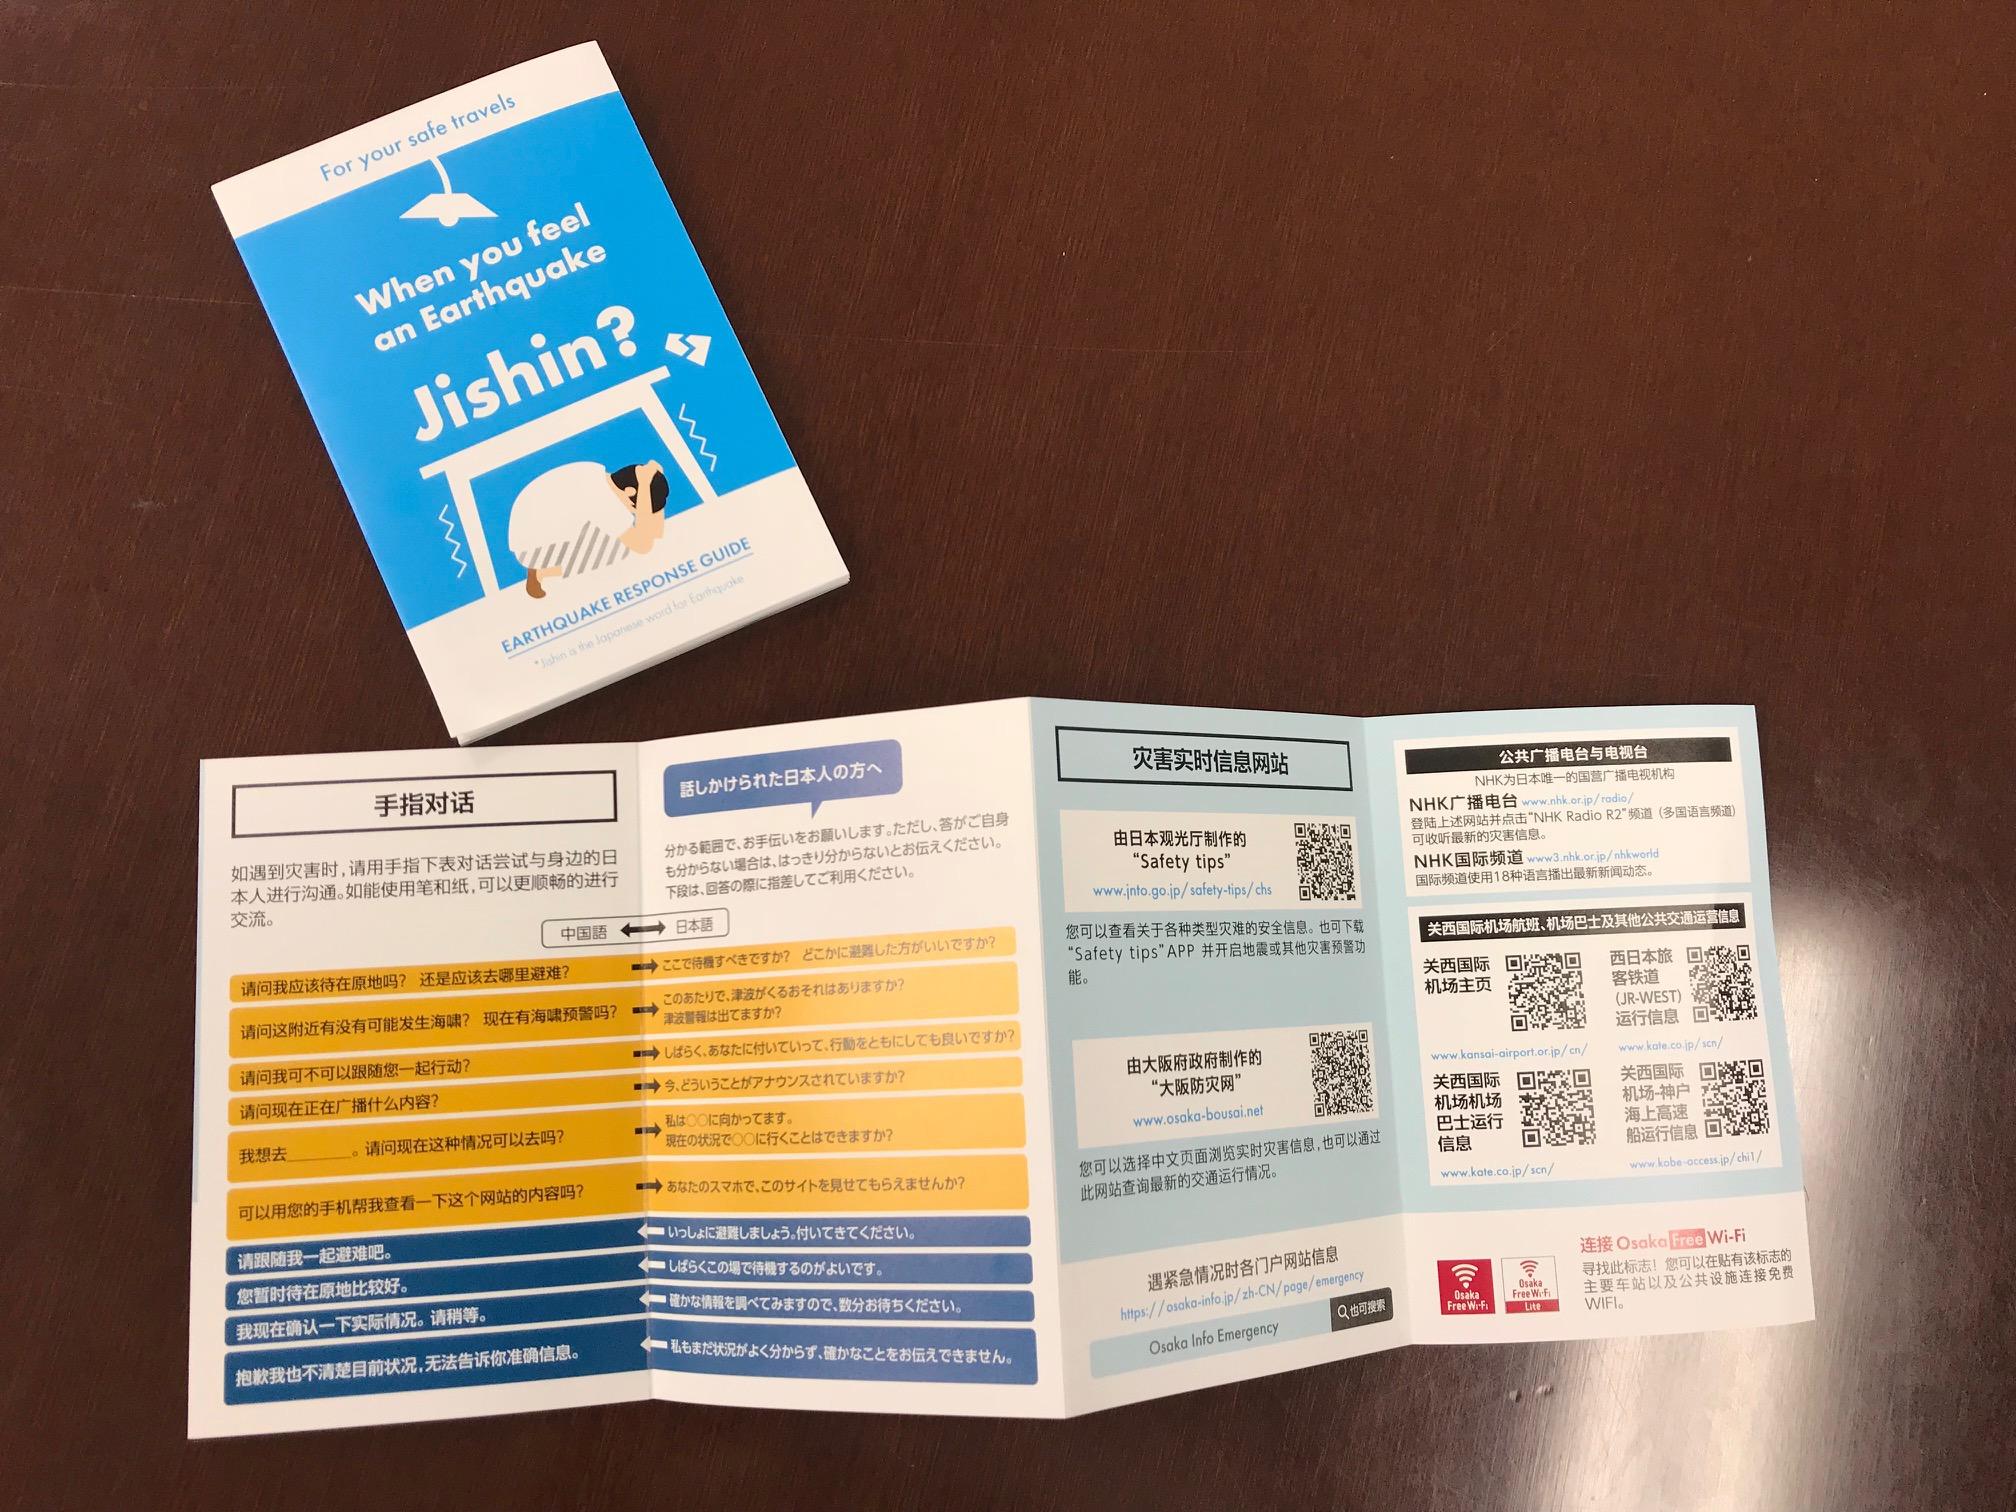 関西国際空港で外国人向け災害リーフレットを配布しました